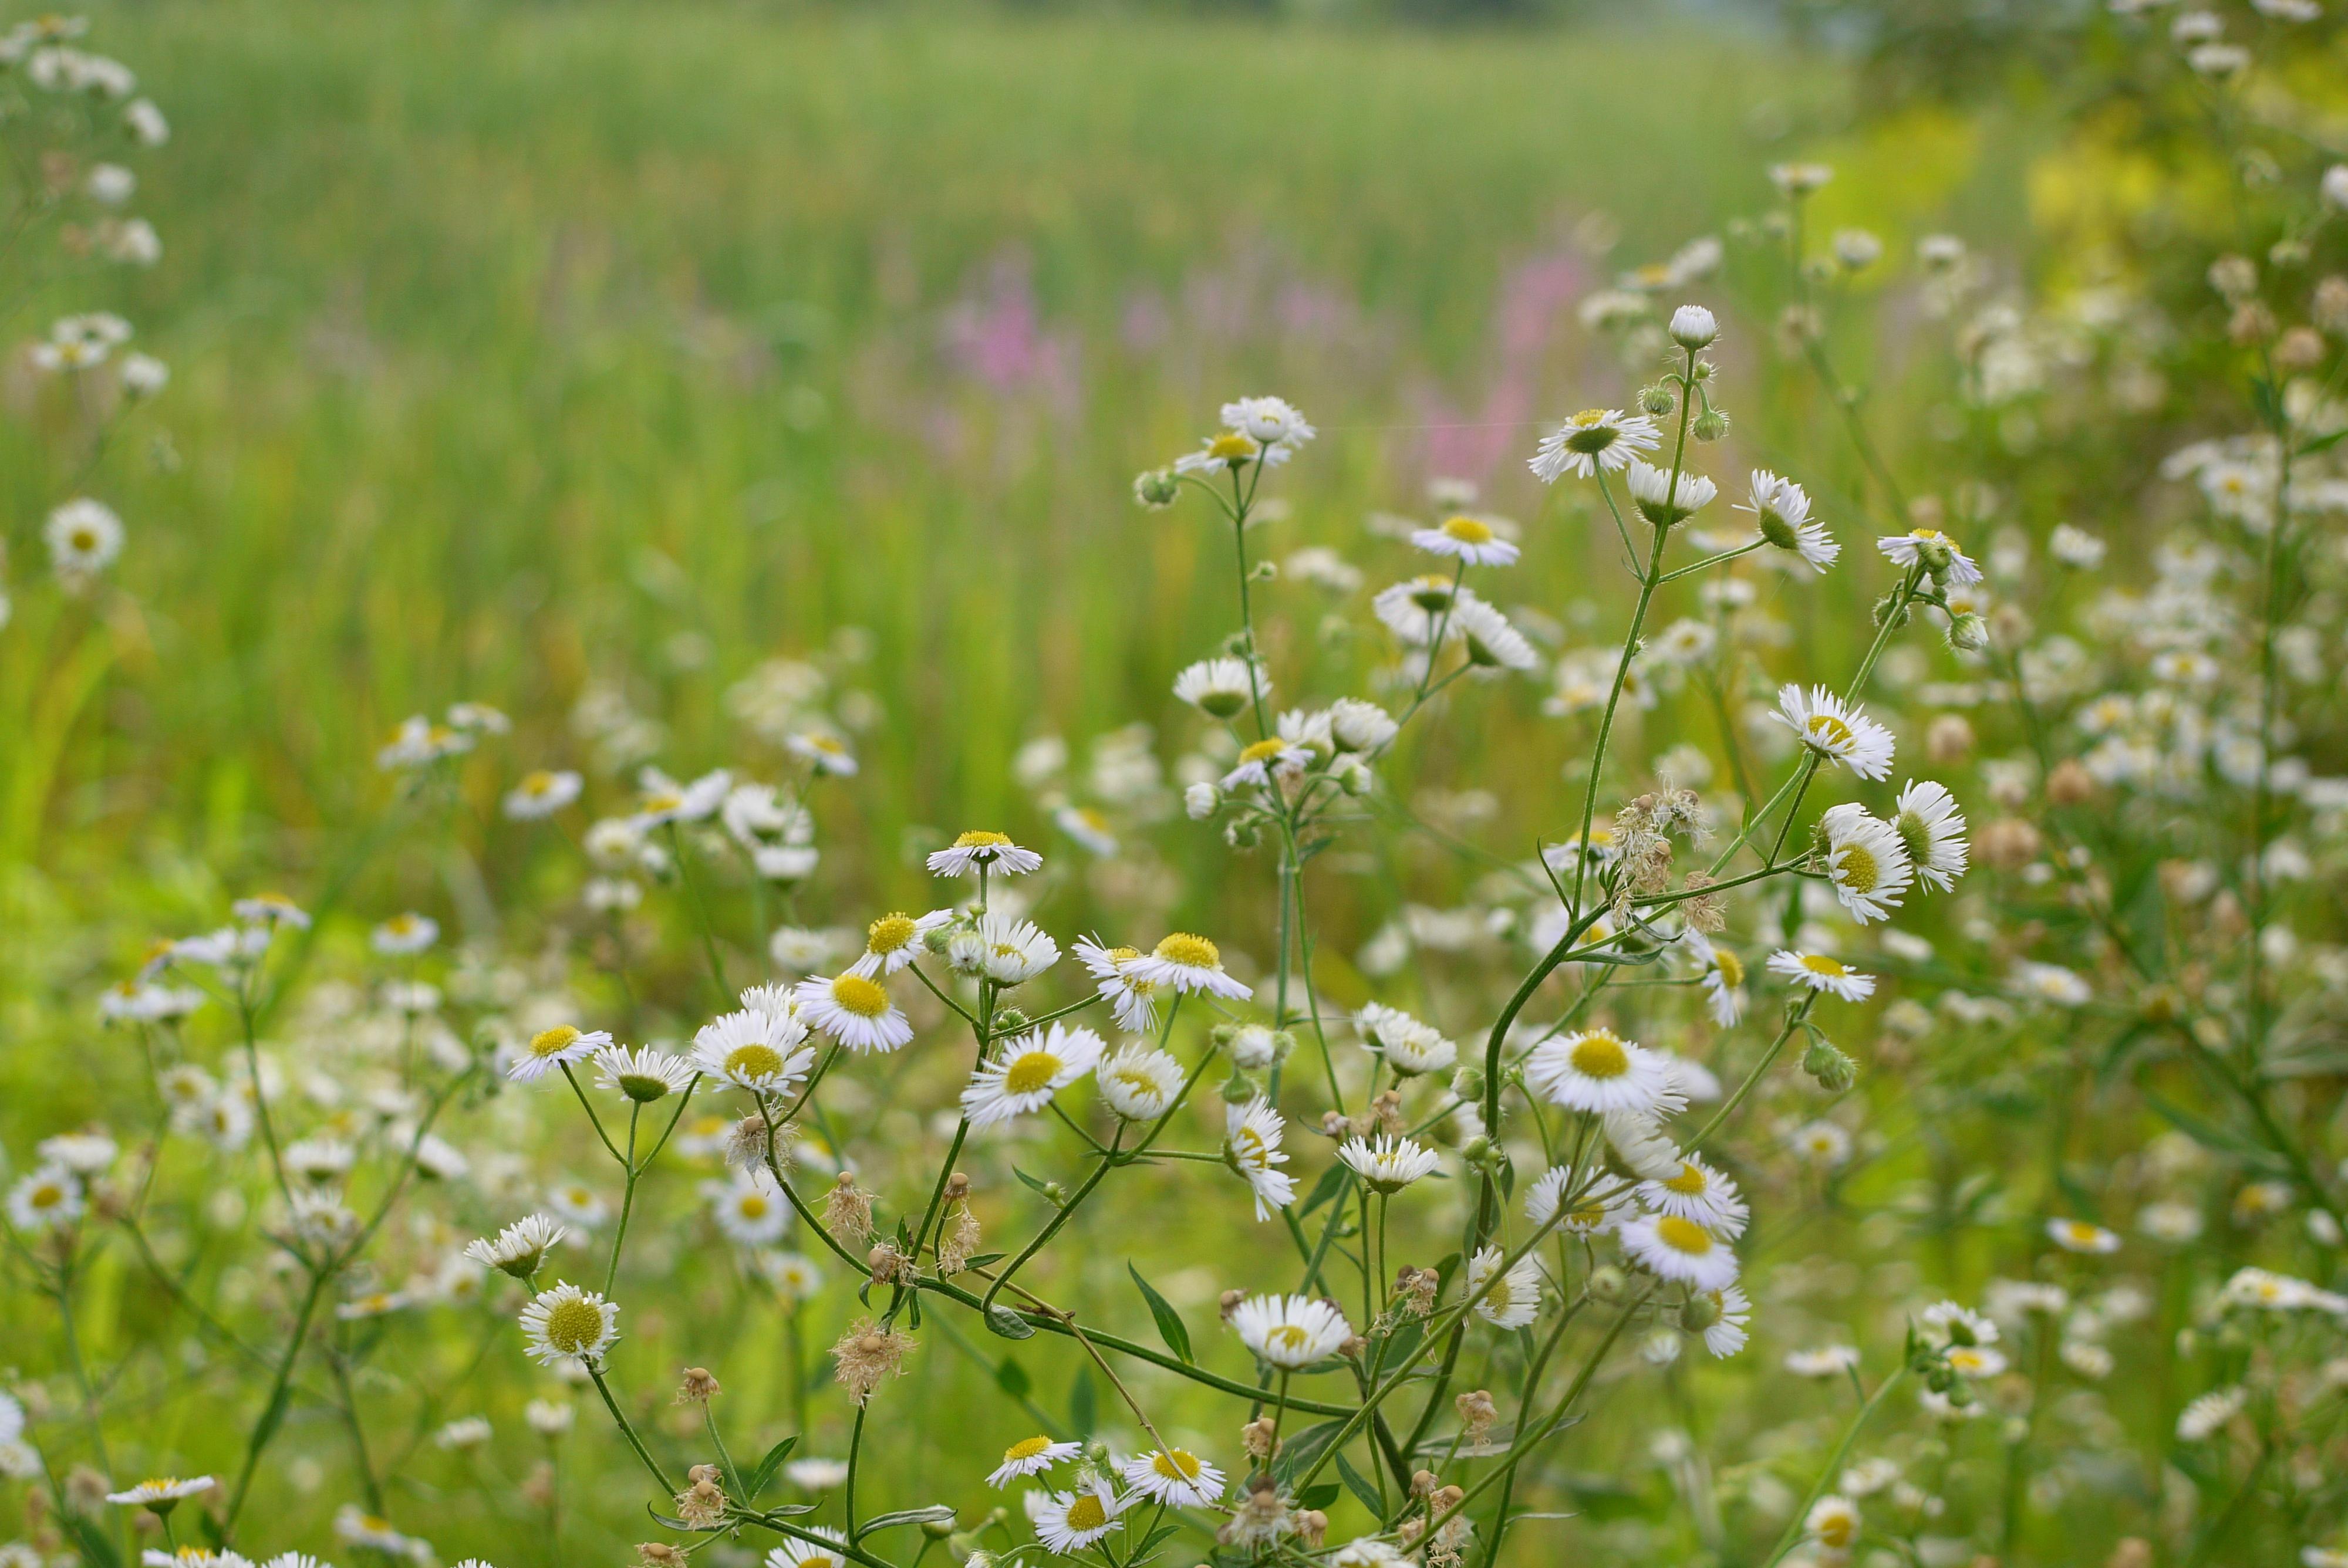 습지에 피어난 꽃들